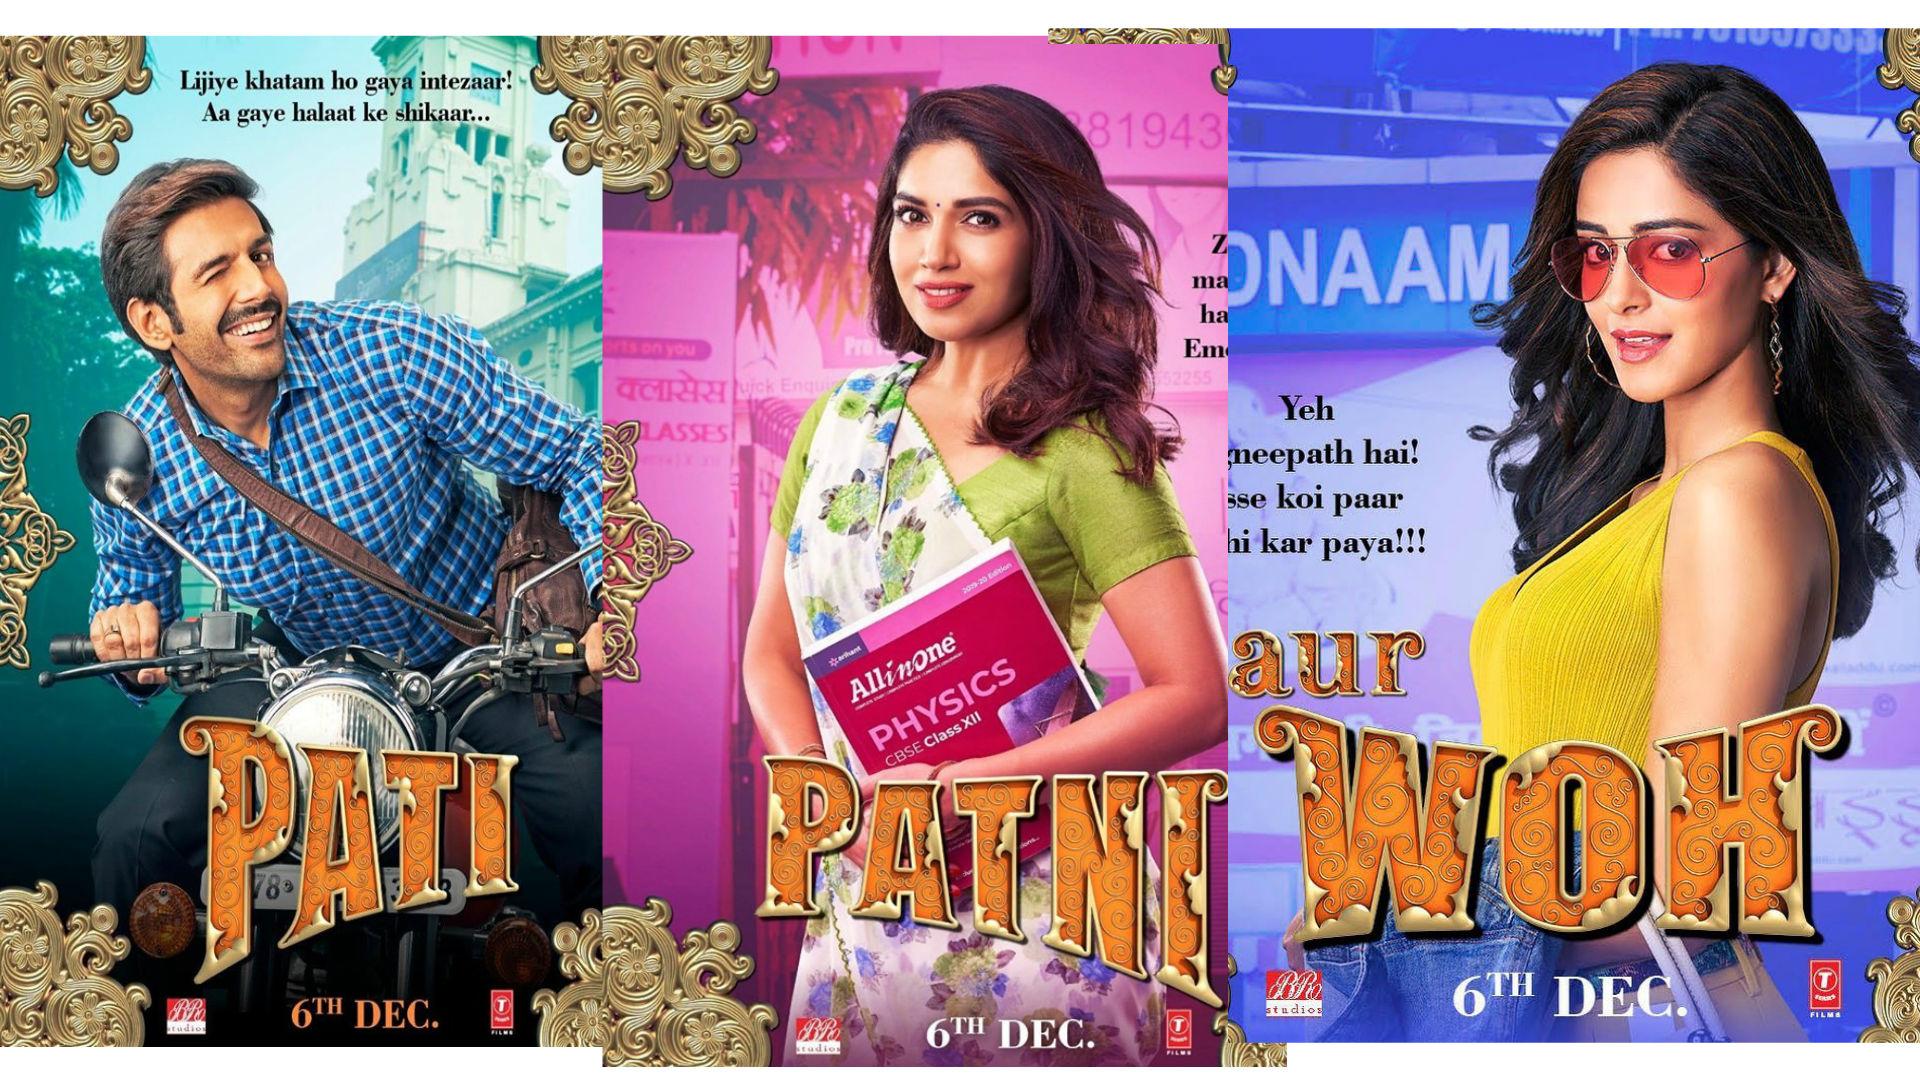 Pati Patni Aur Woh Review: कॉमेडी और इमोशन से भरपूर है पति पत्नी और वो.. कार्तिक, भूमि अनन्या पांडे का धमाल